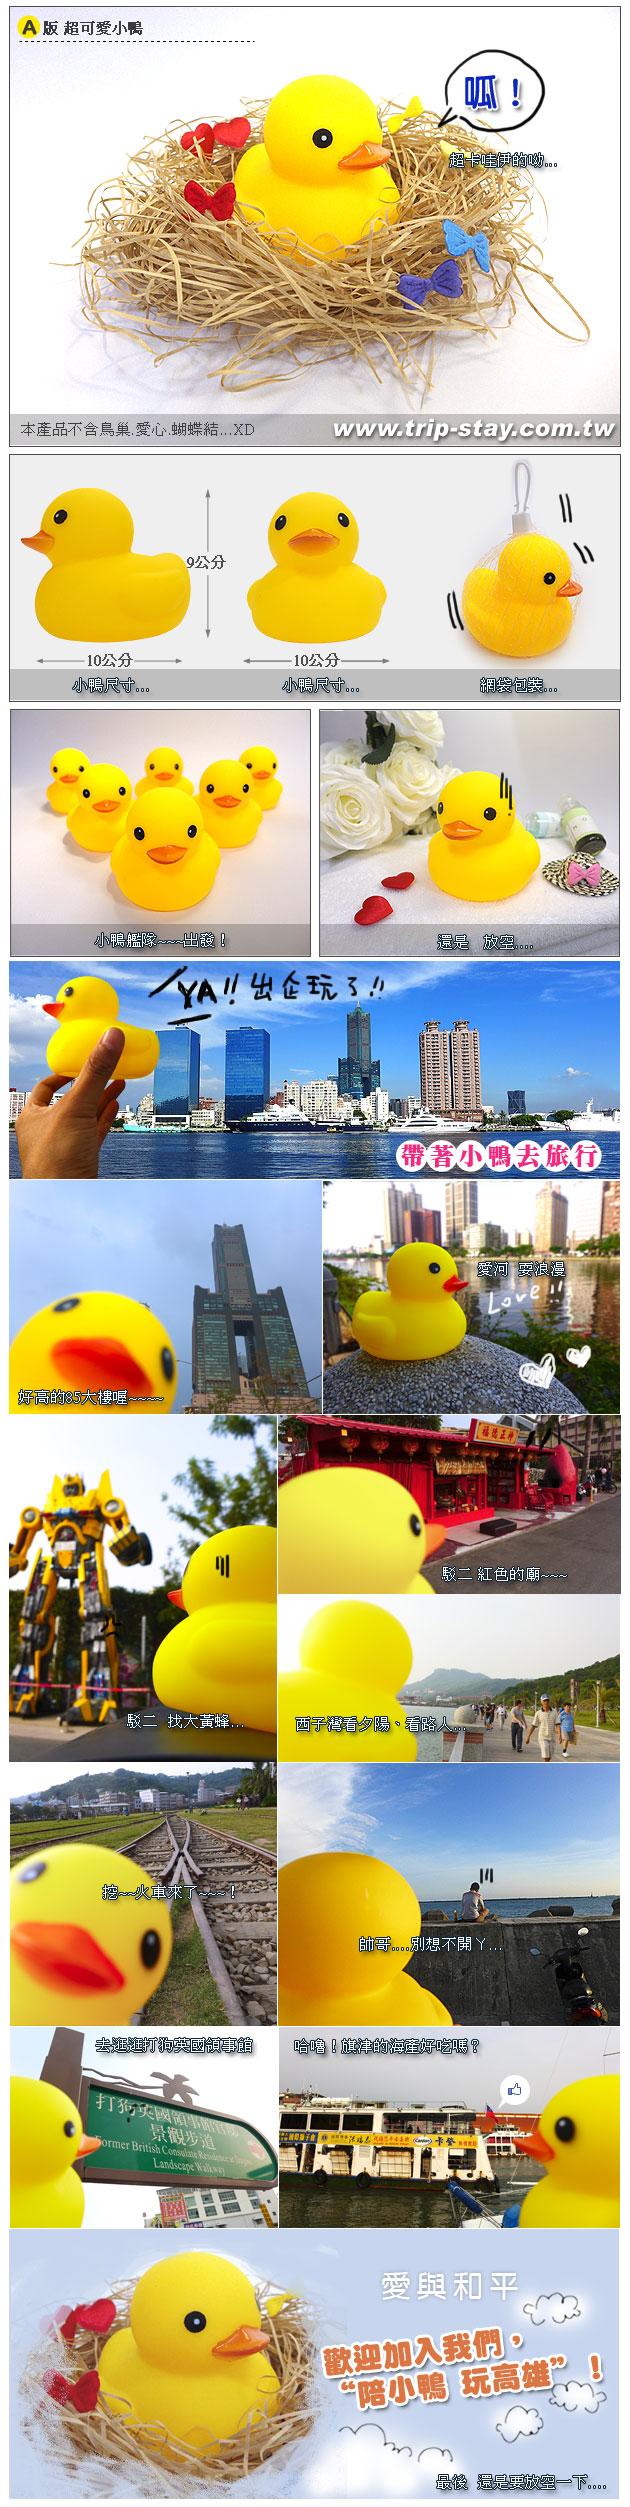 黃色小鴨訂購-A版-介紹